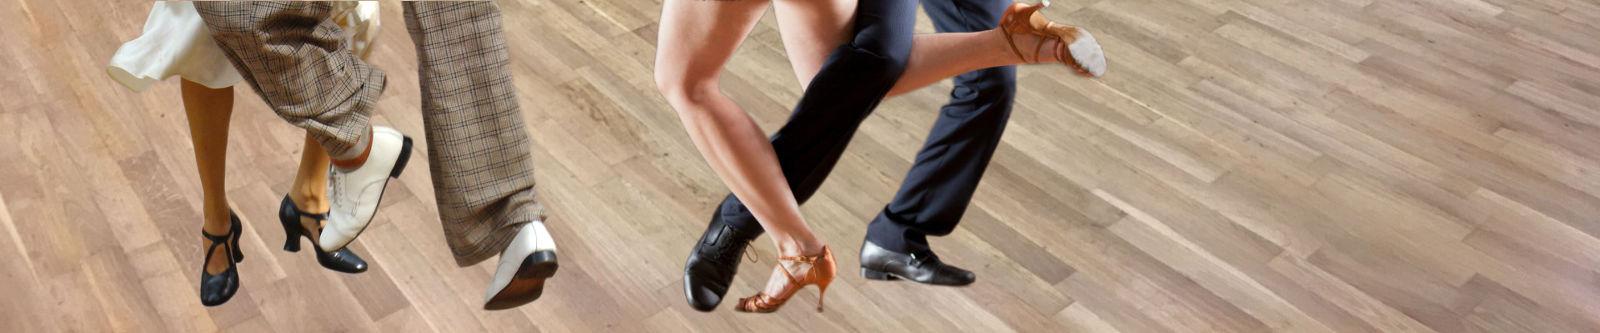 cours-danse-societe-mpt-mirabel-blacons